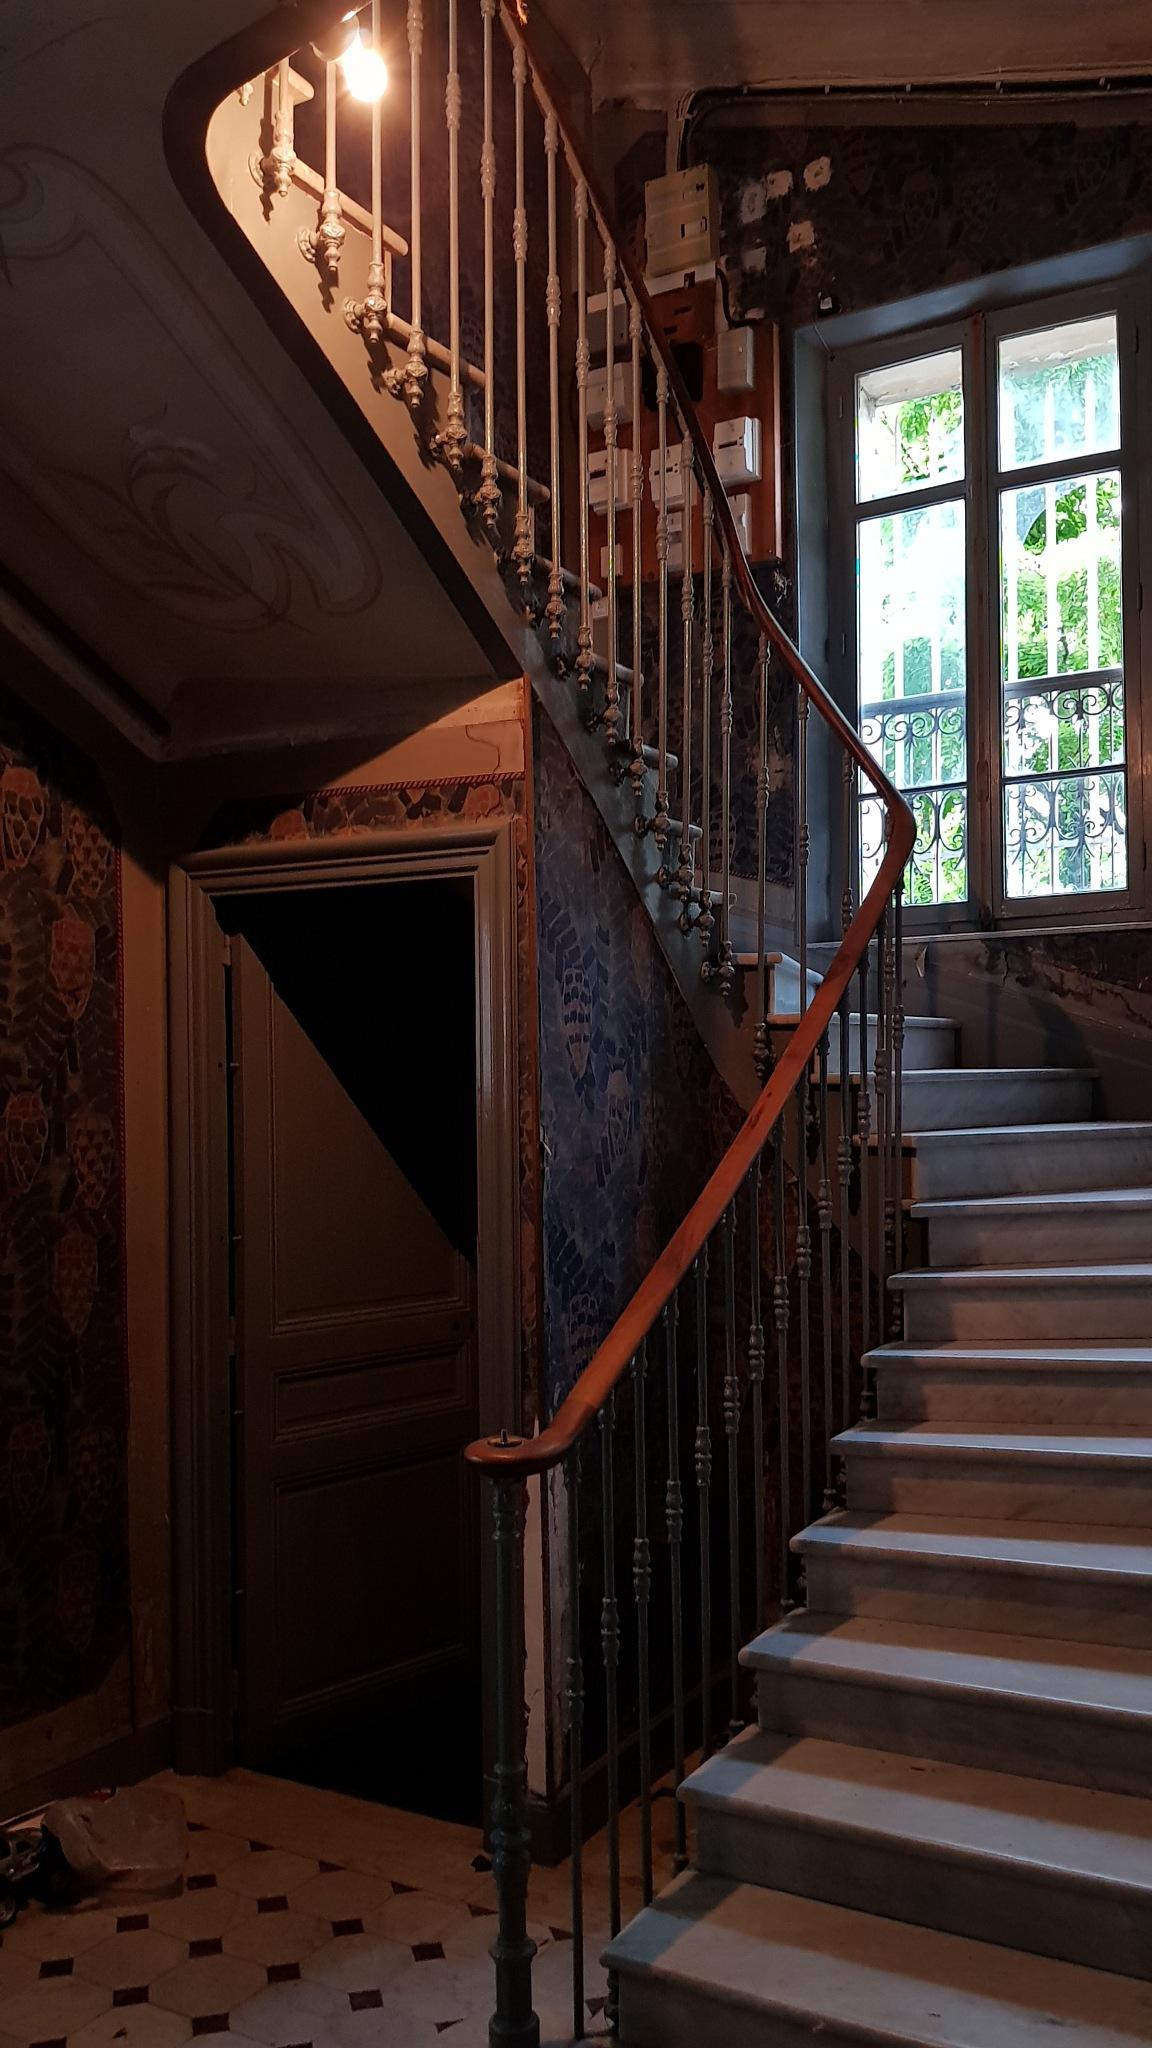 l'escalier de maître  by Scott_Photo_06